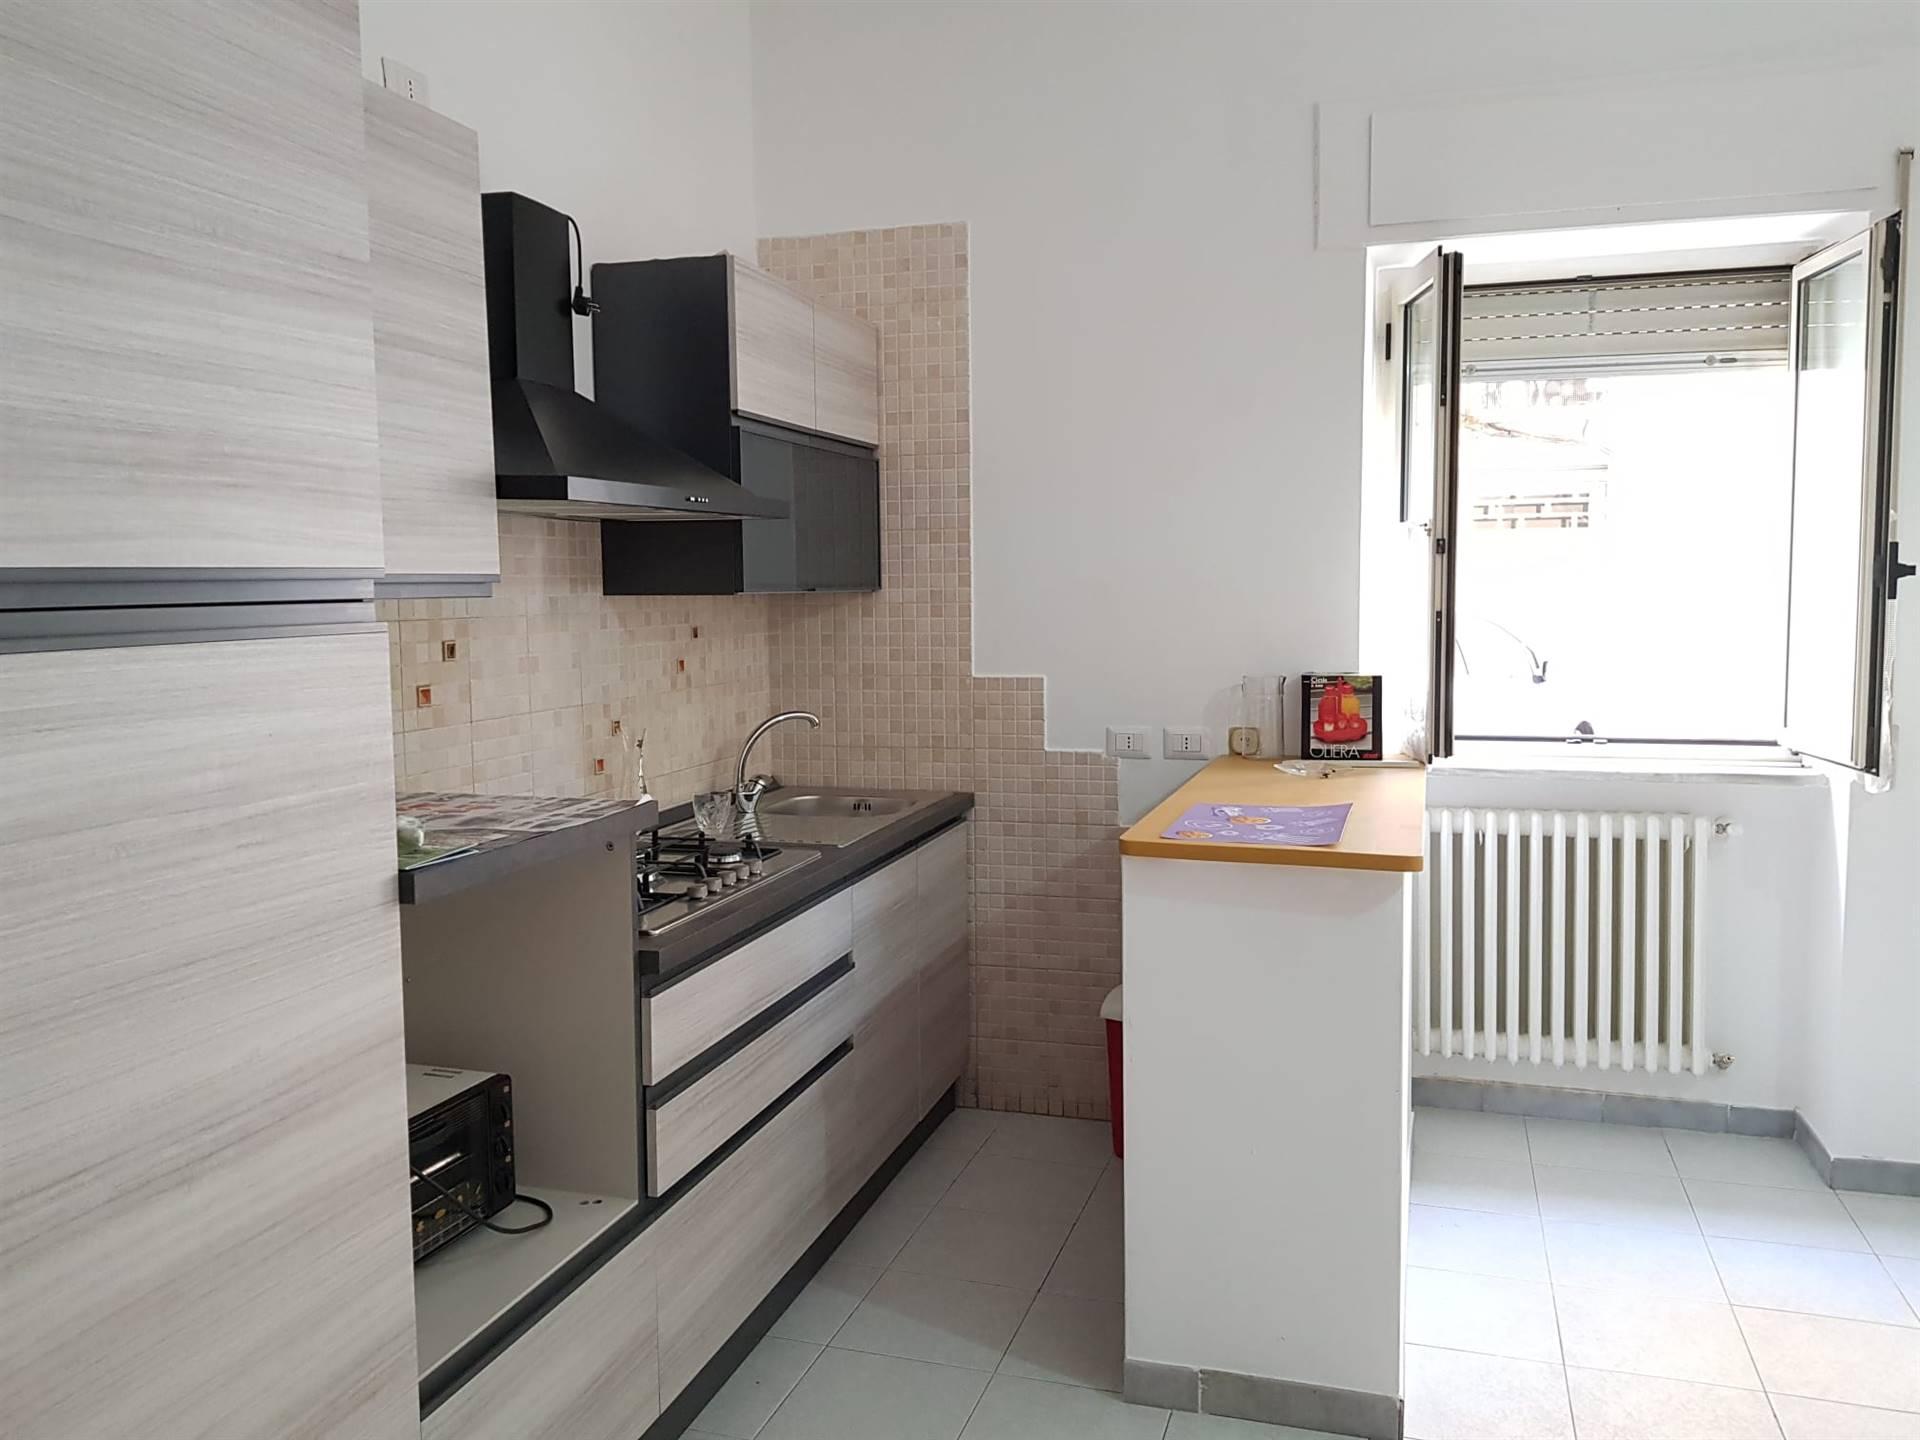 Appartamento in affitto a Matera, 2 locali, zona Zona: Semicentro Nord, prezzo € 420 | CambioCasa.it